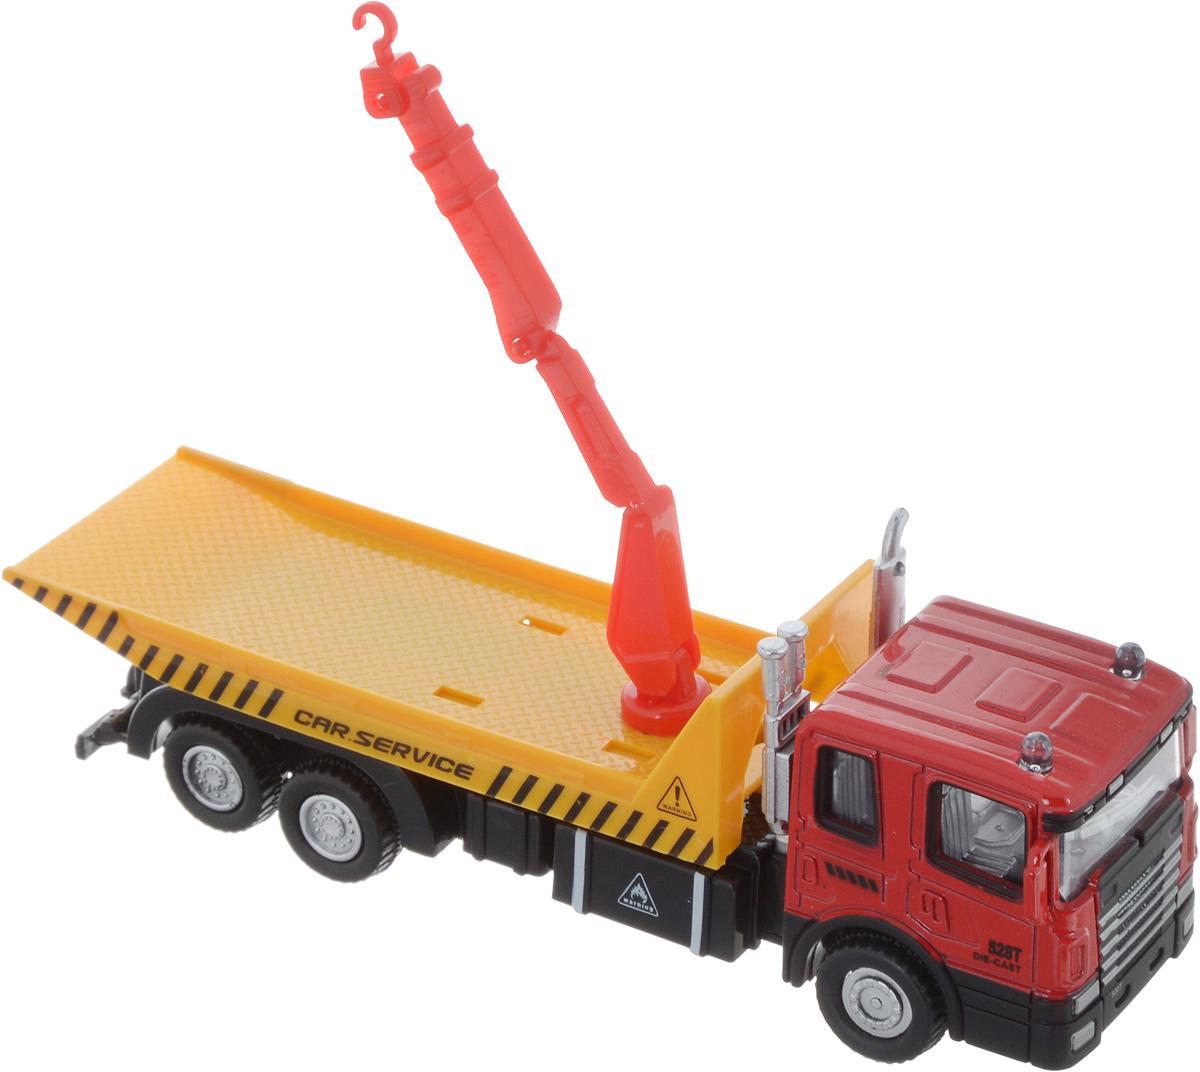 Autotime Машинка с манипулятором Flatbed Crane Truck красная кабинка машина autotime imperial truck series 65137